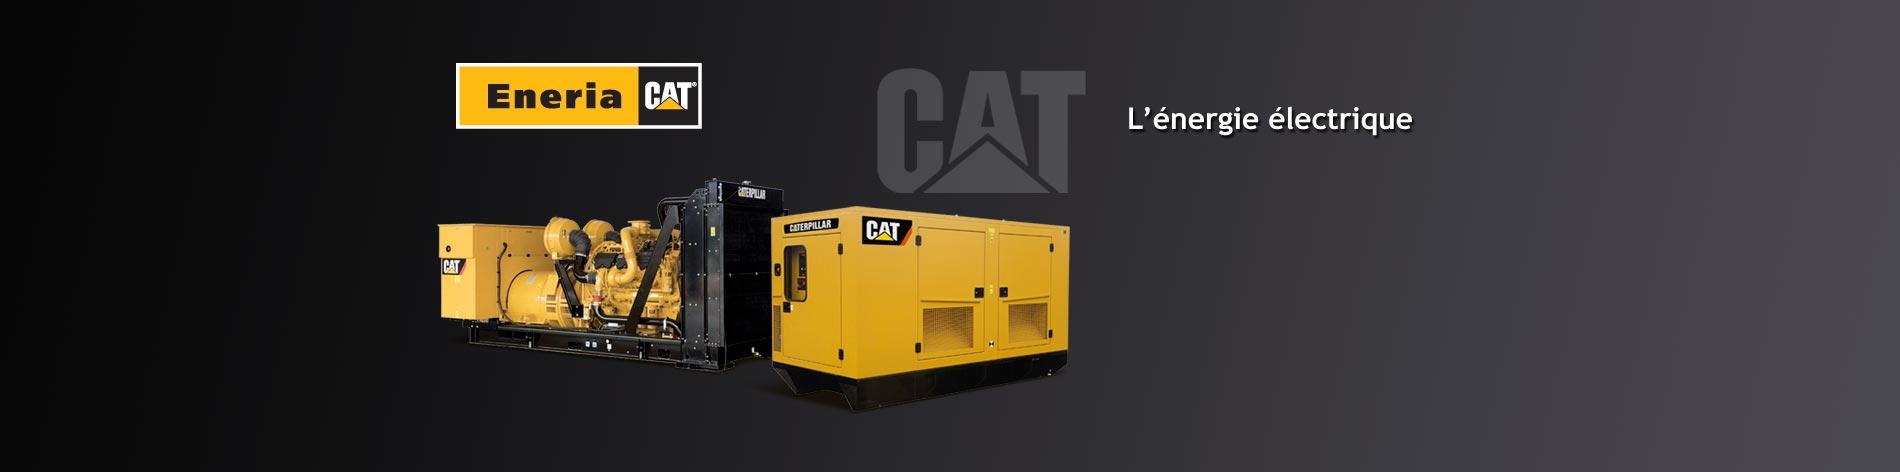 Fixes ou mobiles, de 10 à 14 000 kW, nous distribuons et installons les groupes électrogènes Caterpillar dans toutes les configurations, en conteneur, en bâtiment, dans tous les environnements et pour tous les climats du monde.